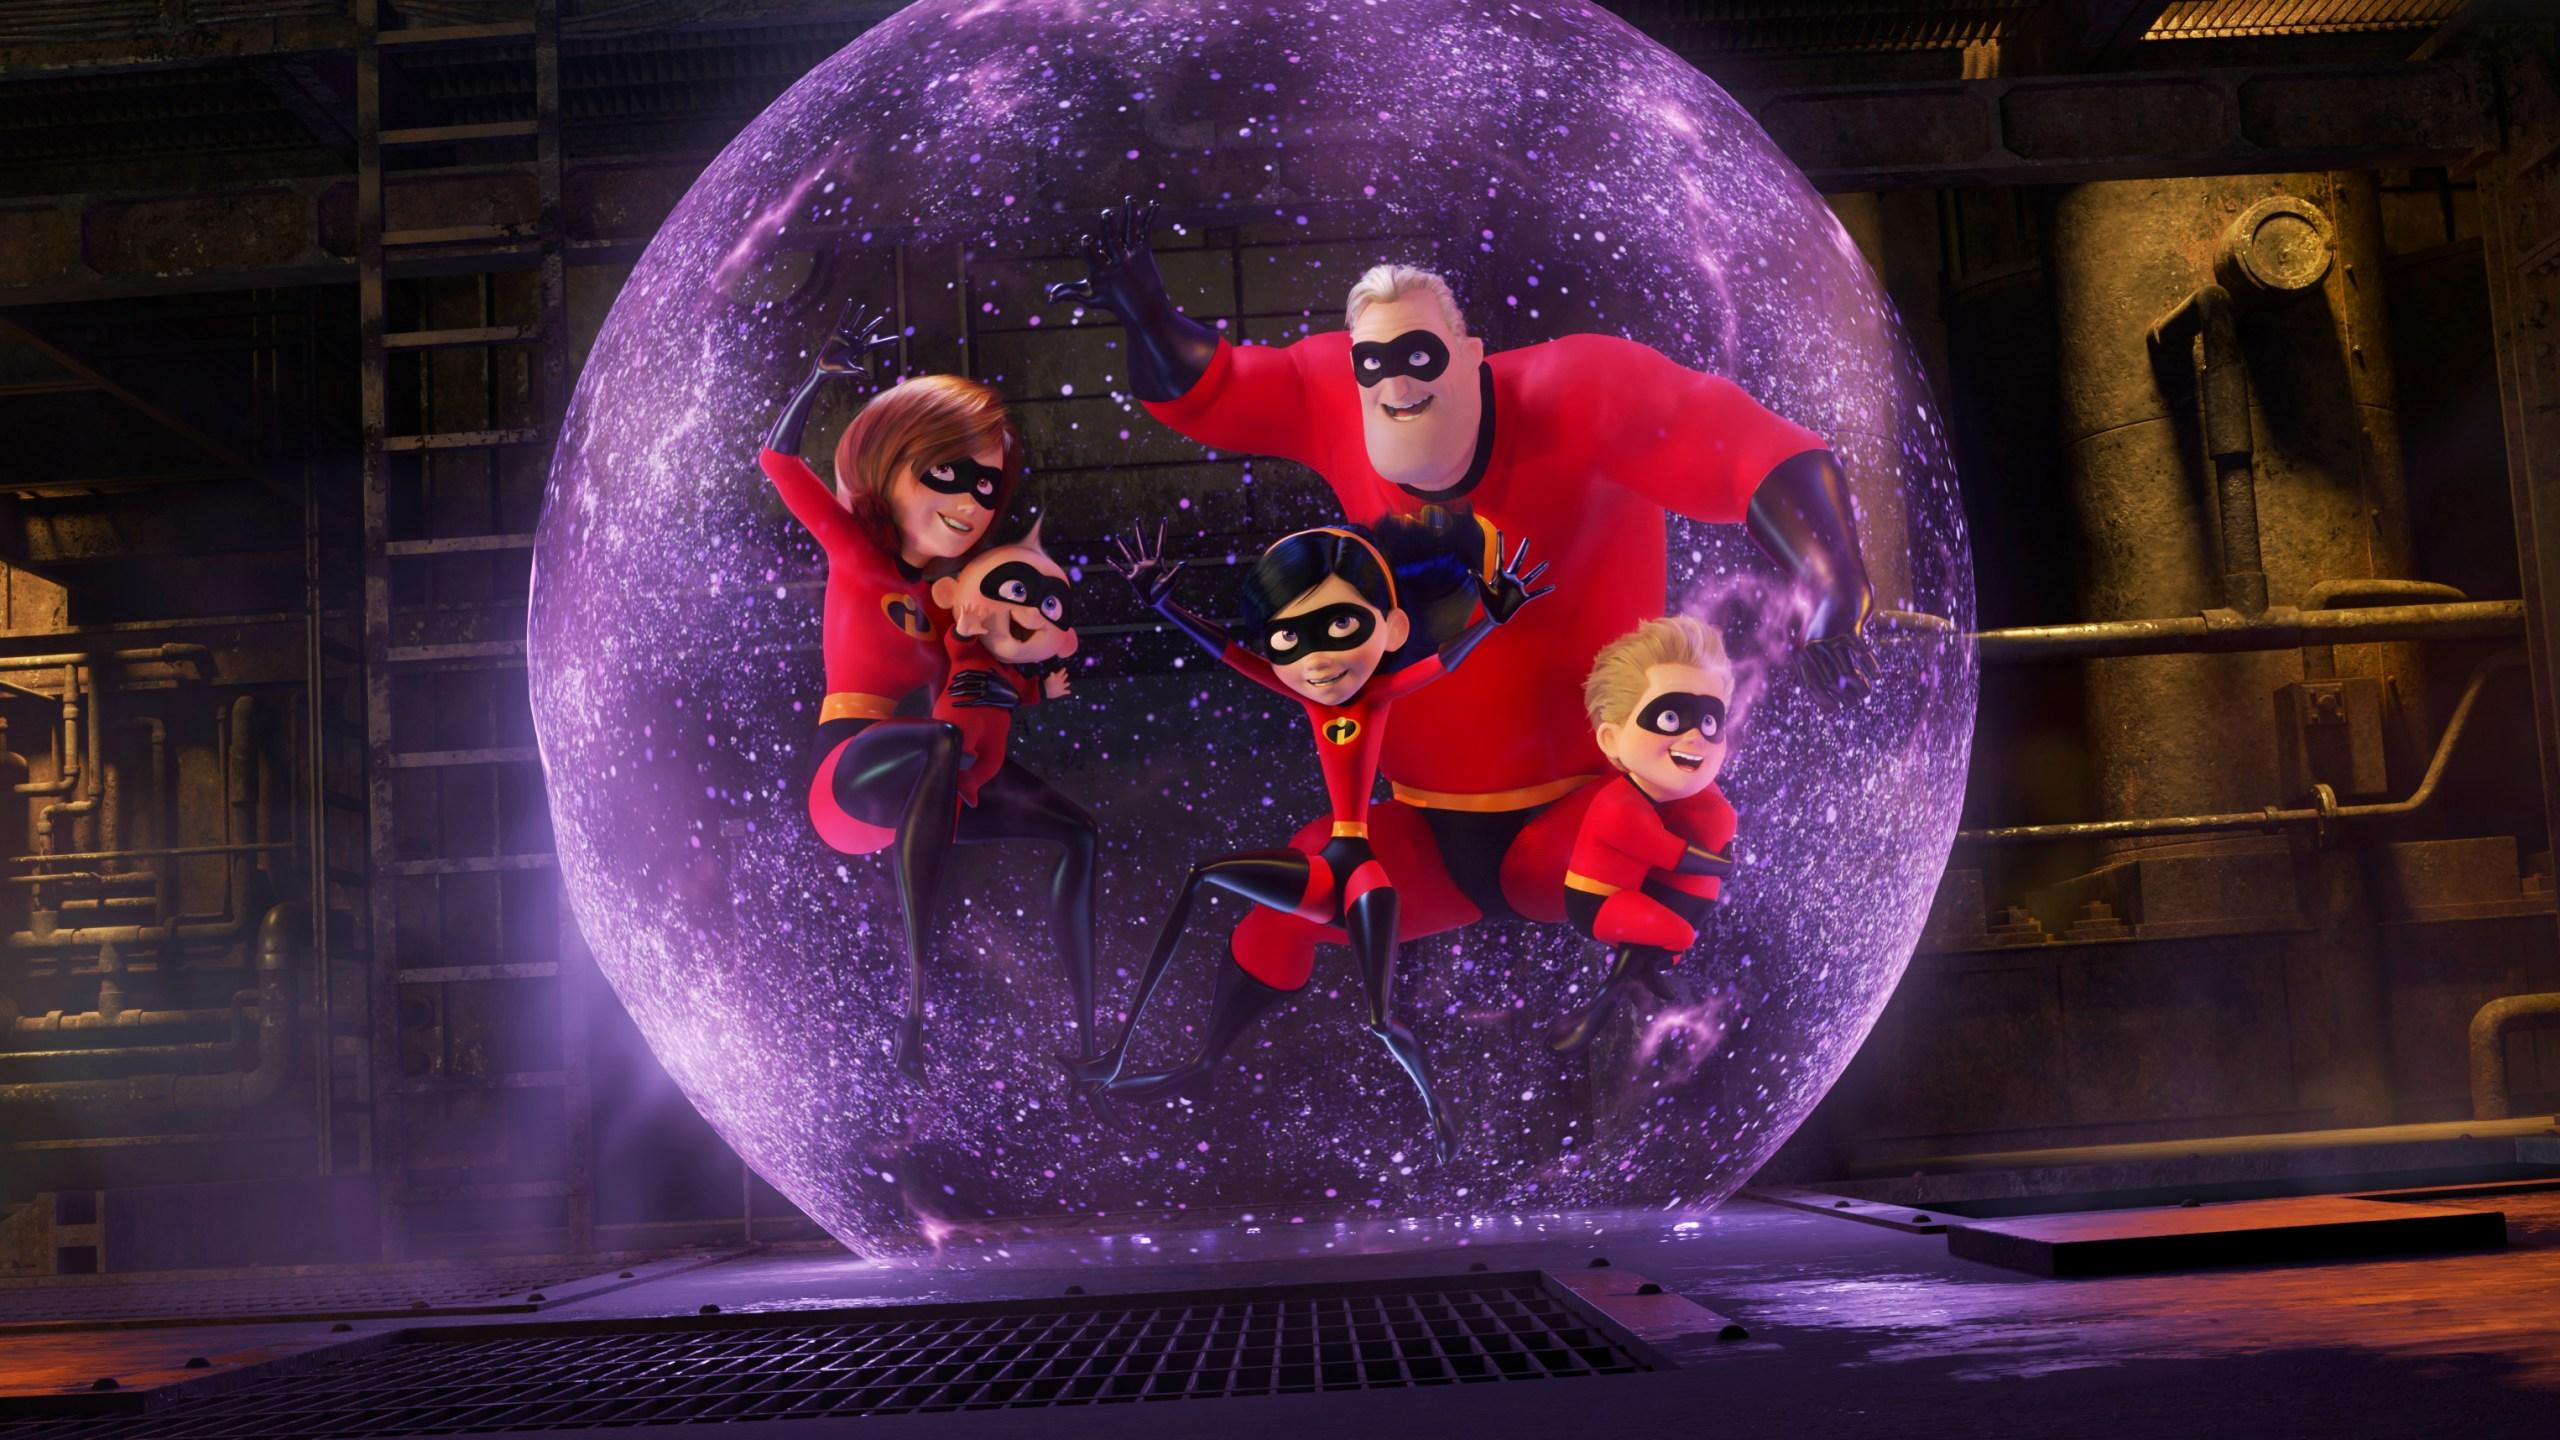 Film_Review_Incredibles_2_49860-159532.jpg90279279